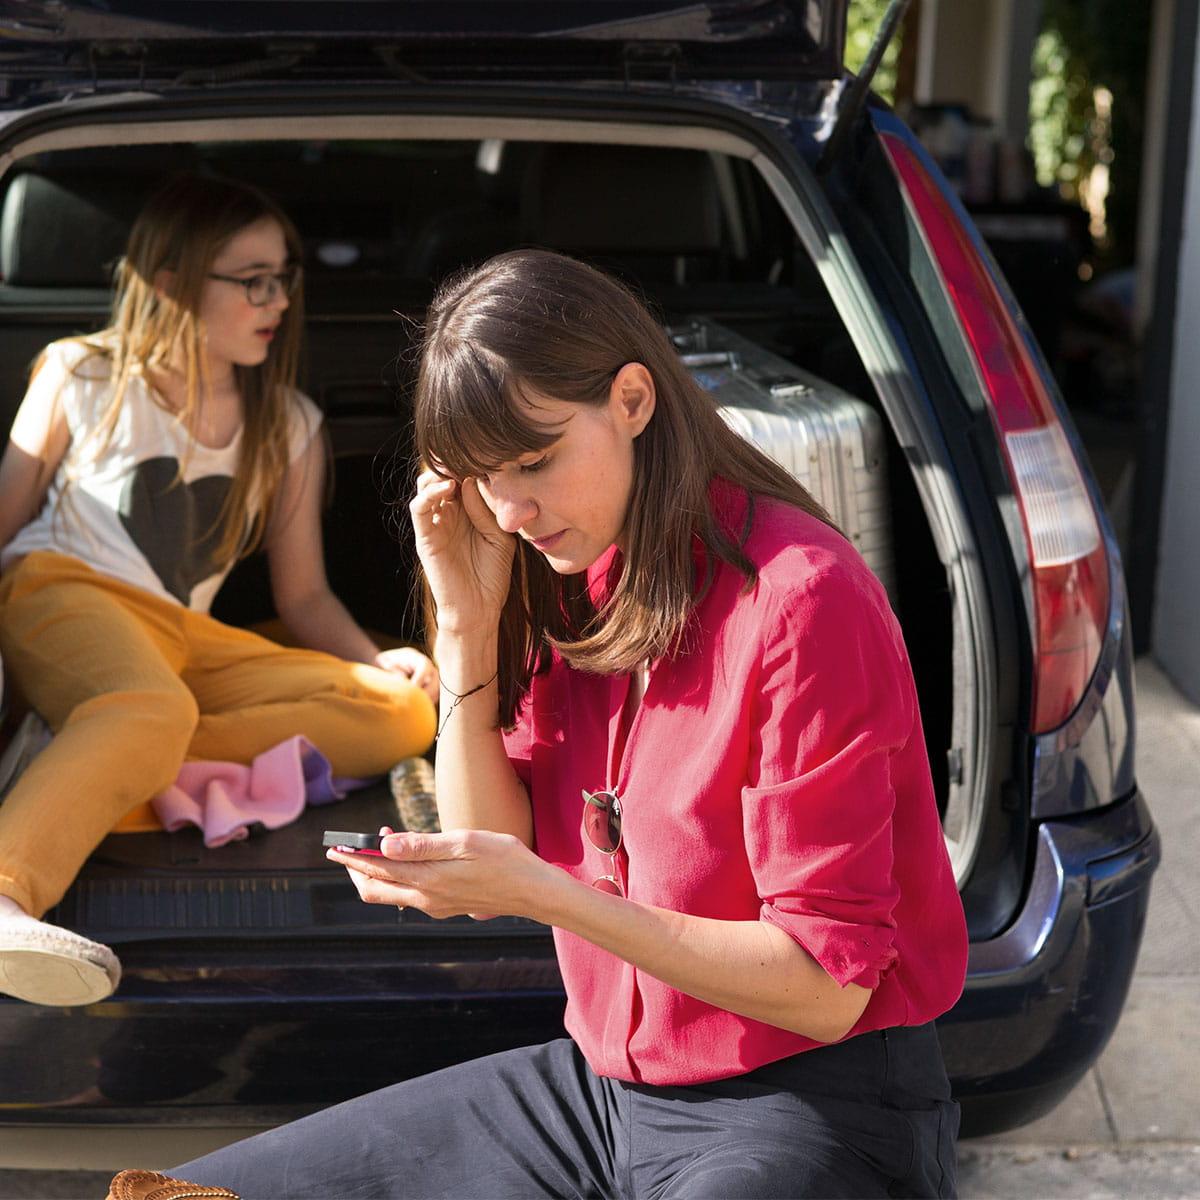 ergo kfz versicherung individueller schutz f r sie und ihr auto ergo. Black Bedroom Furniture Sets. Home Design Ideas